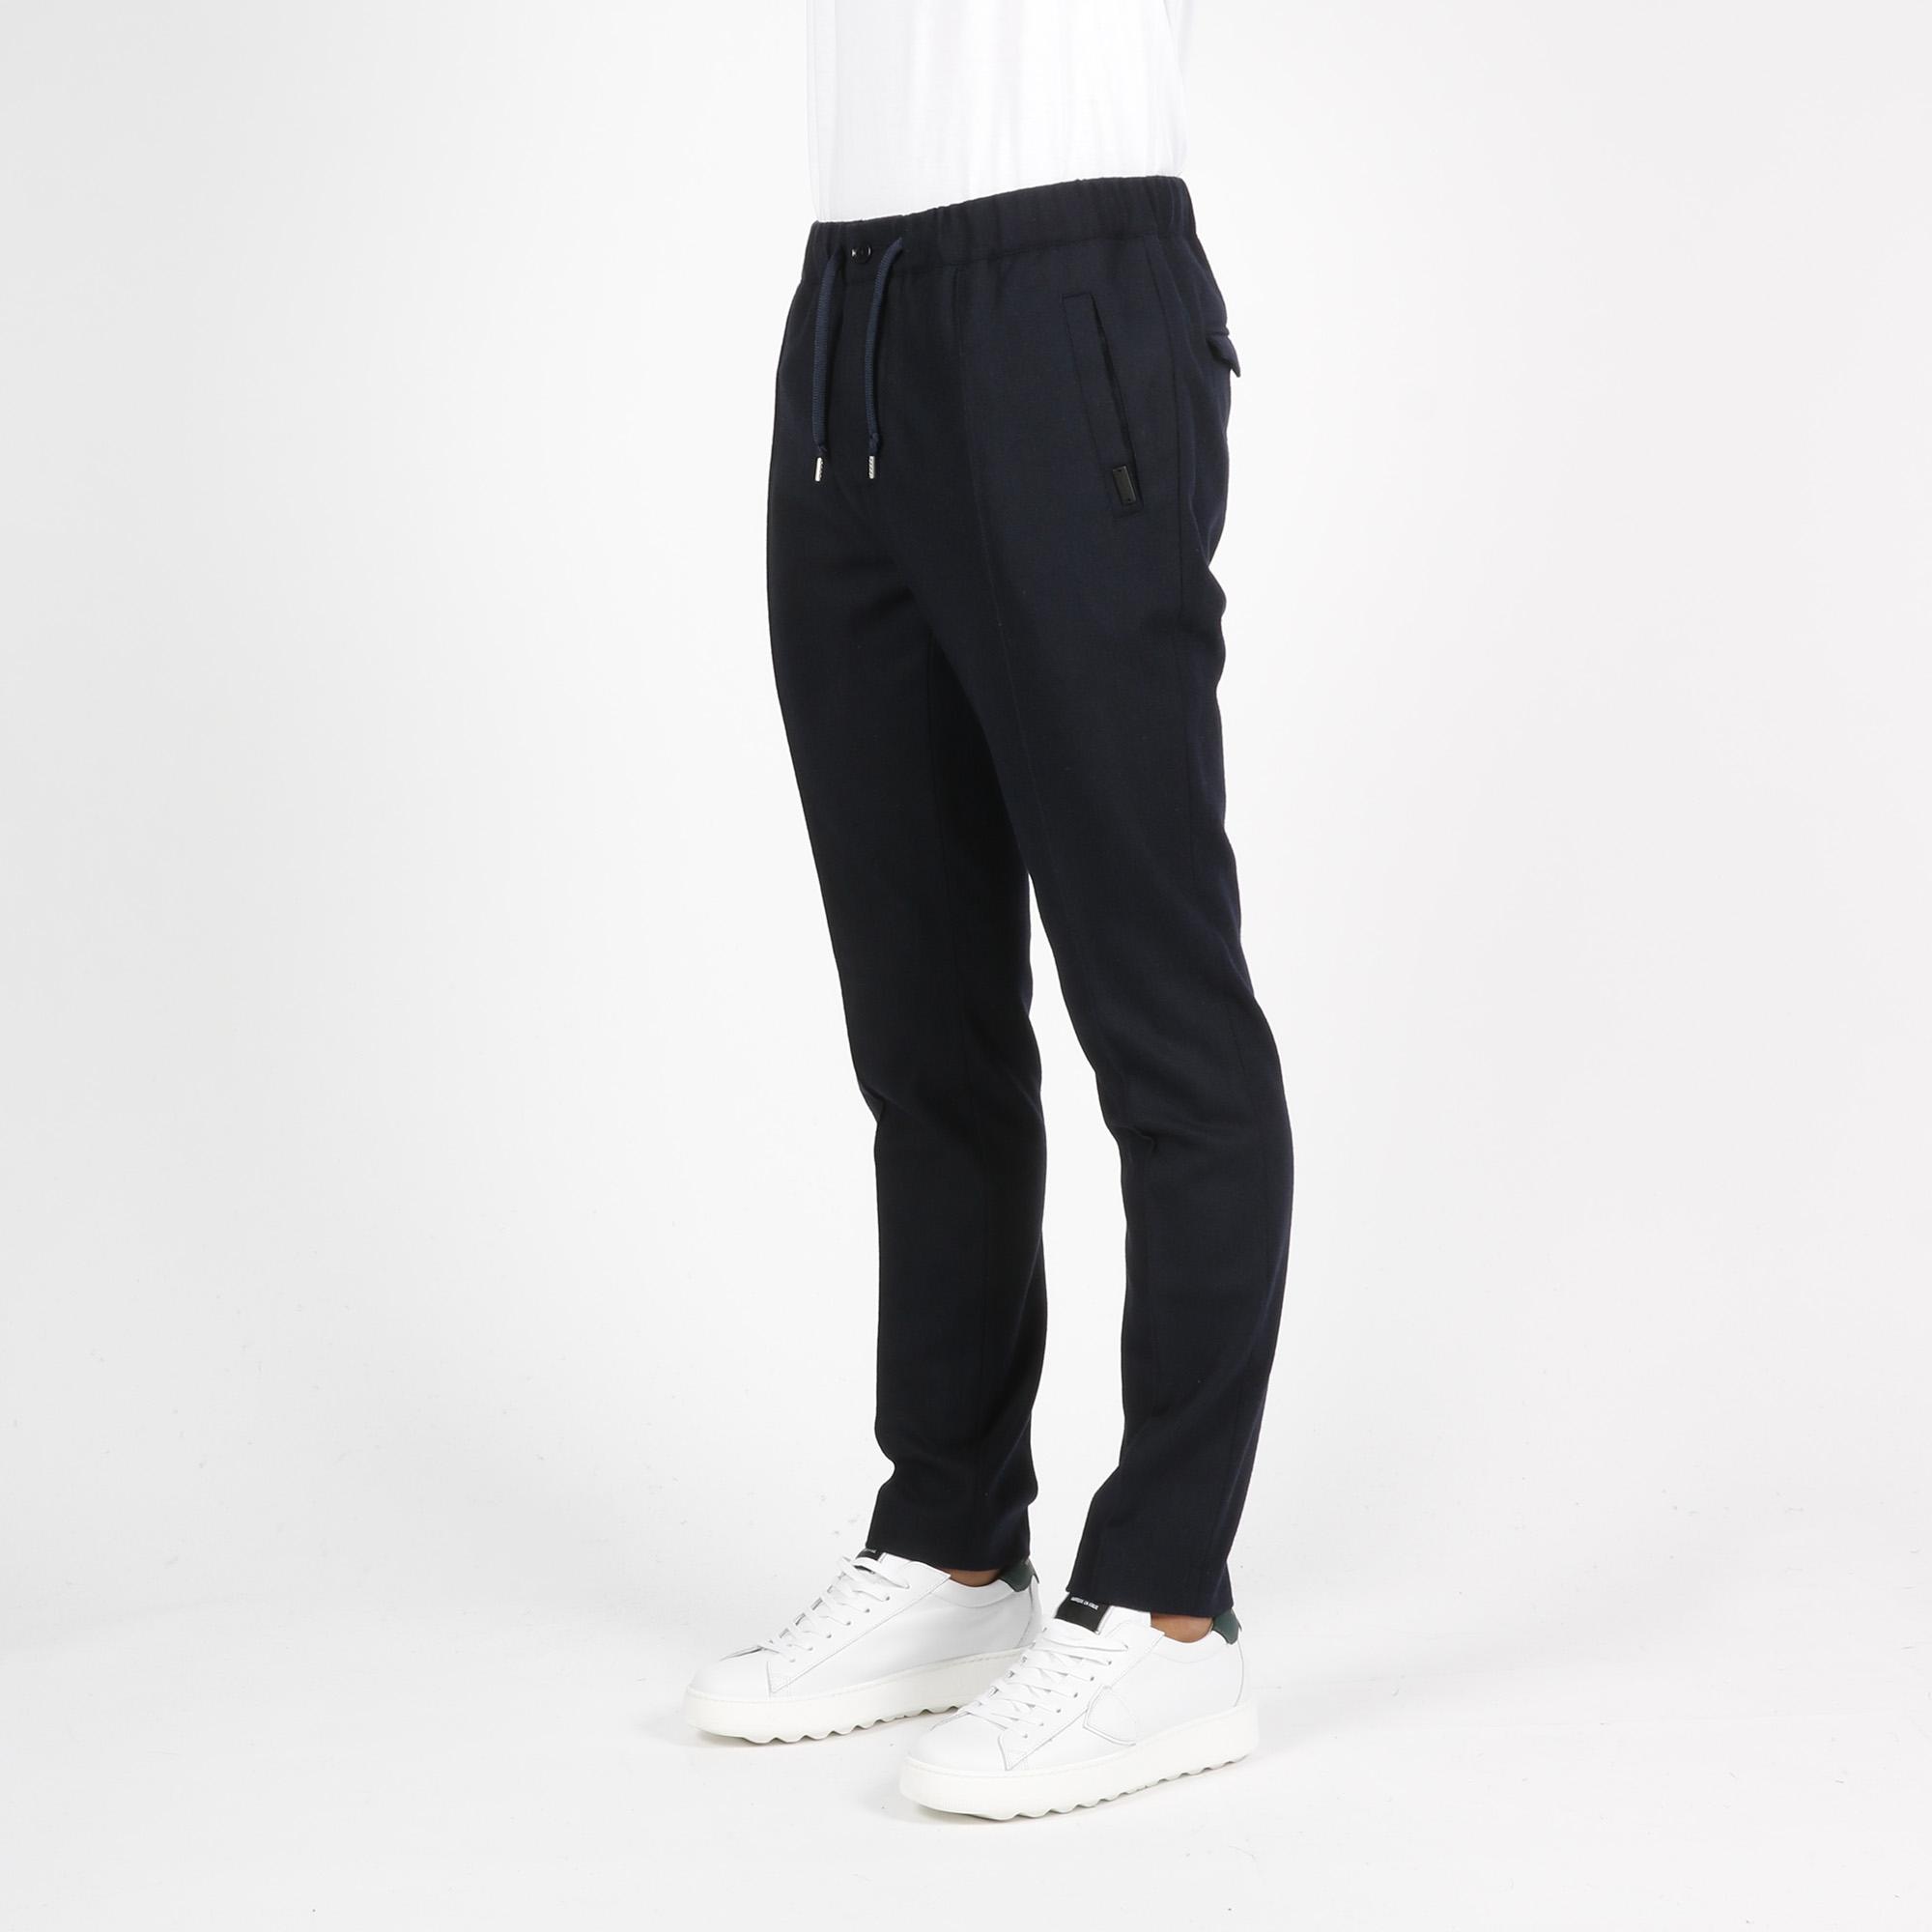 Pantalone caldaia - Blu